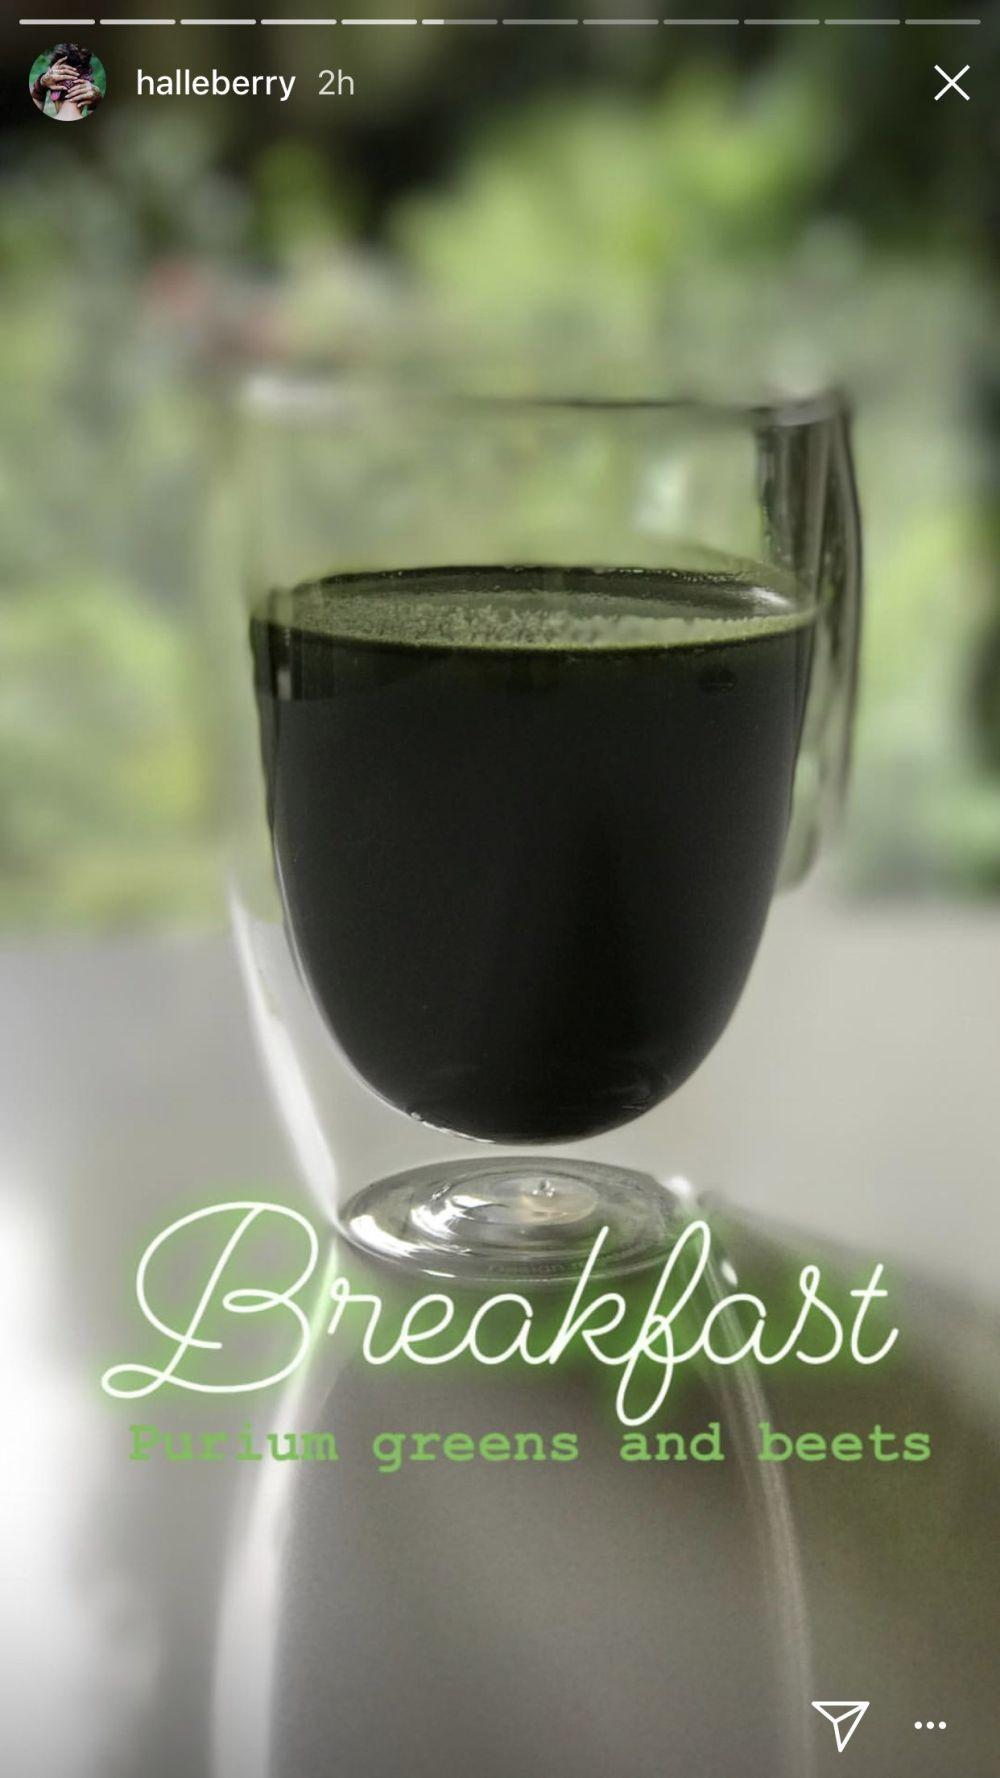 El desayuno de Halle Berry consiste en un licuado de verduras, raíces...